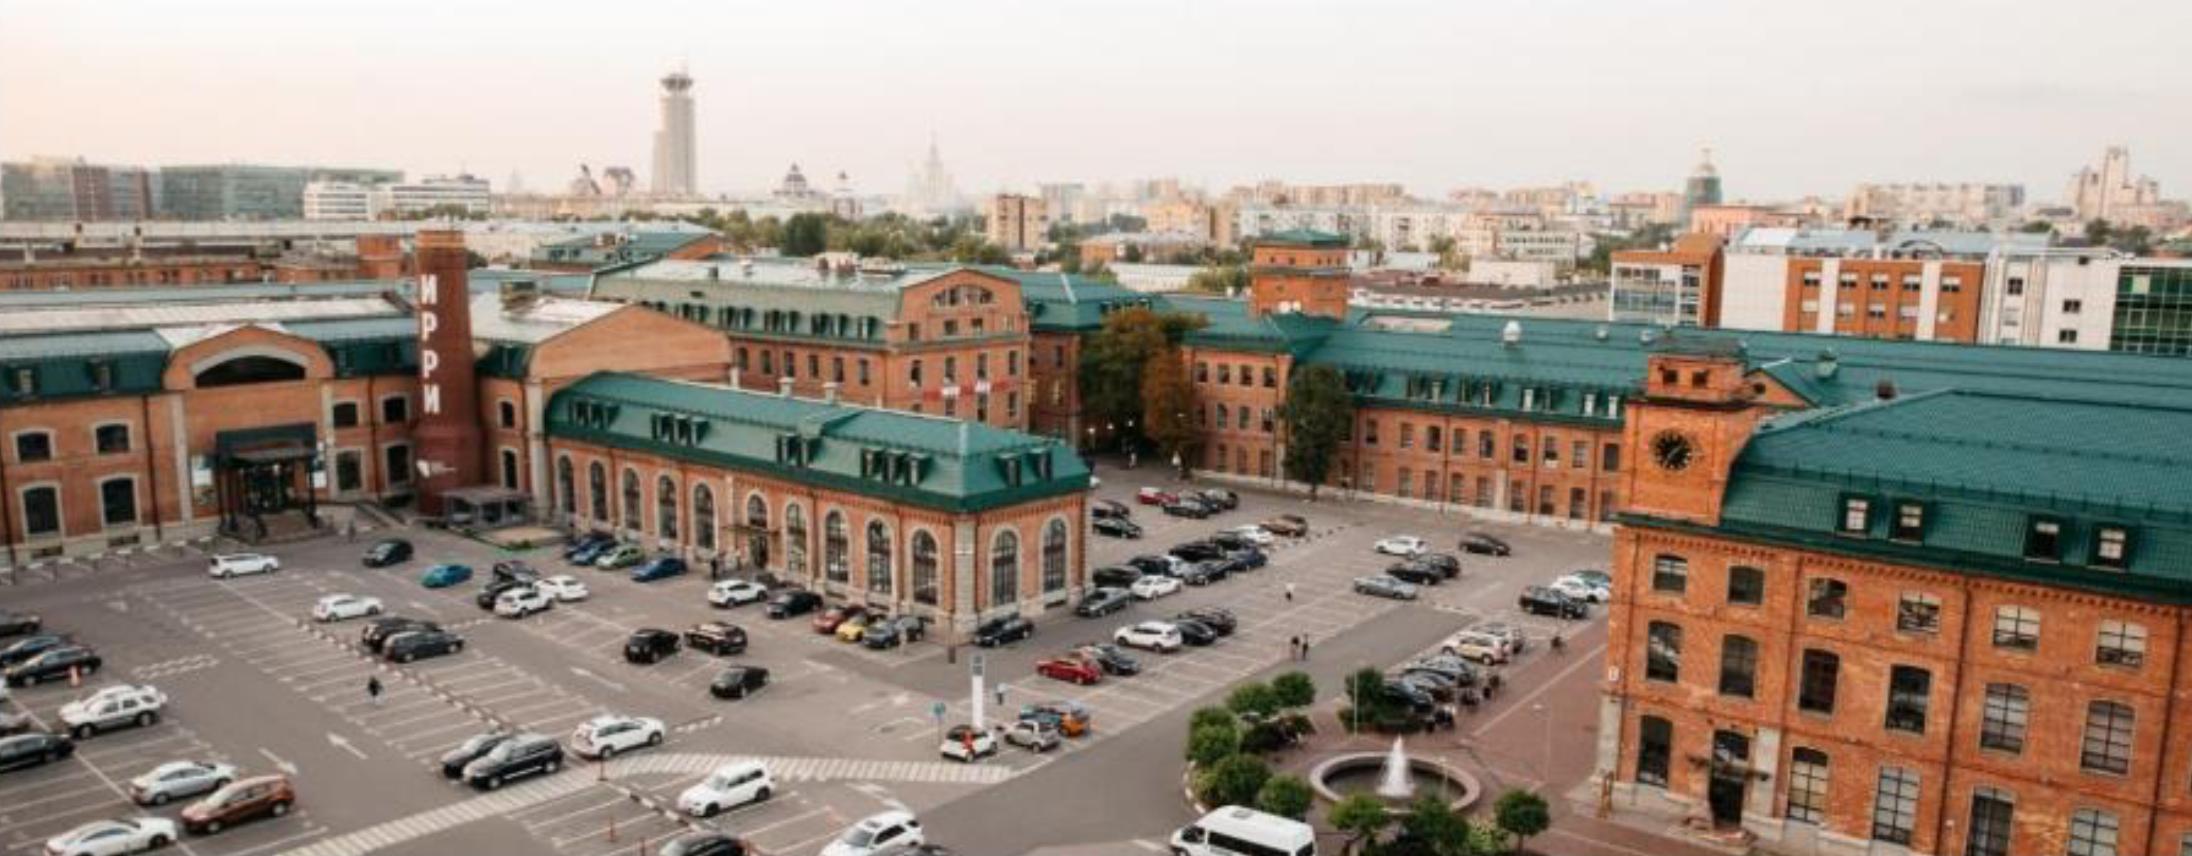 Предложение участков под ЖК Павелецкая-Дербенёвская 589744